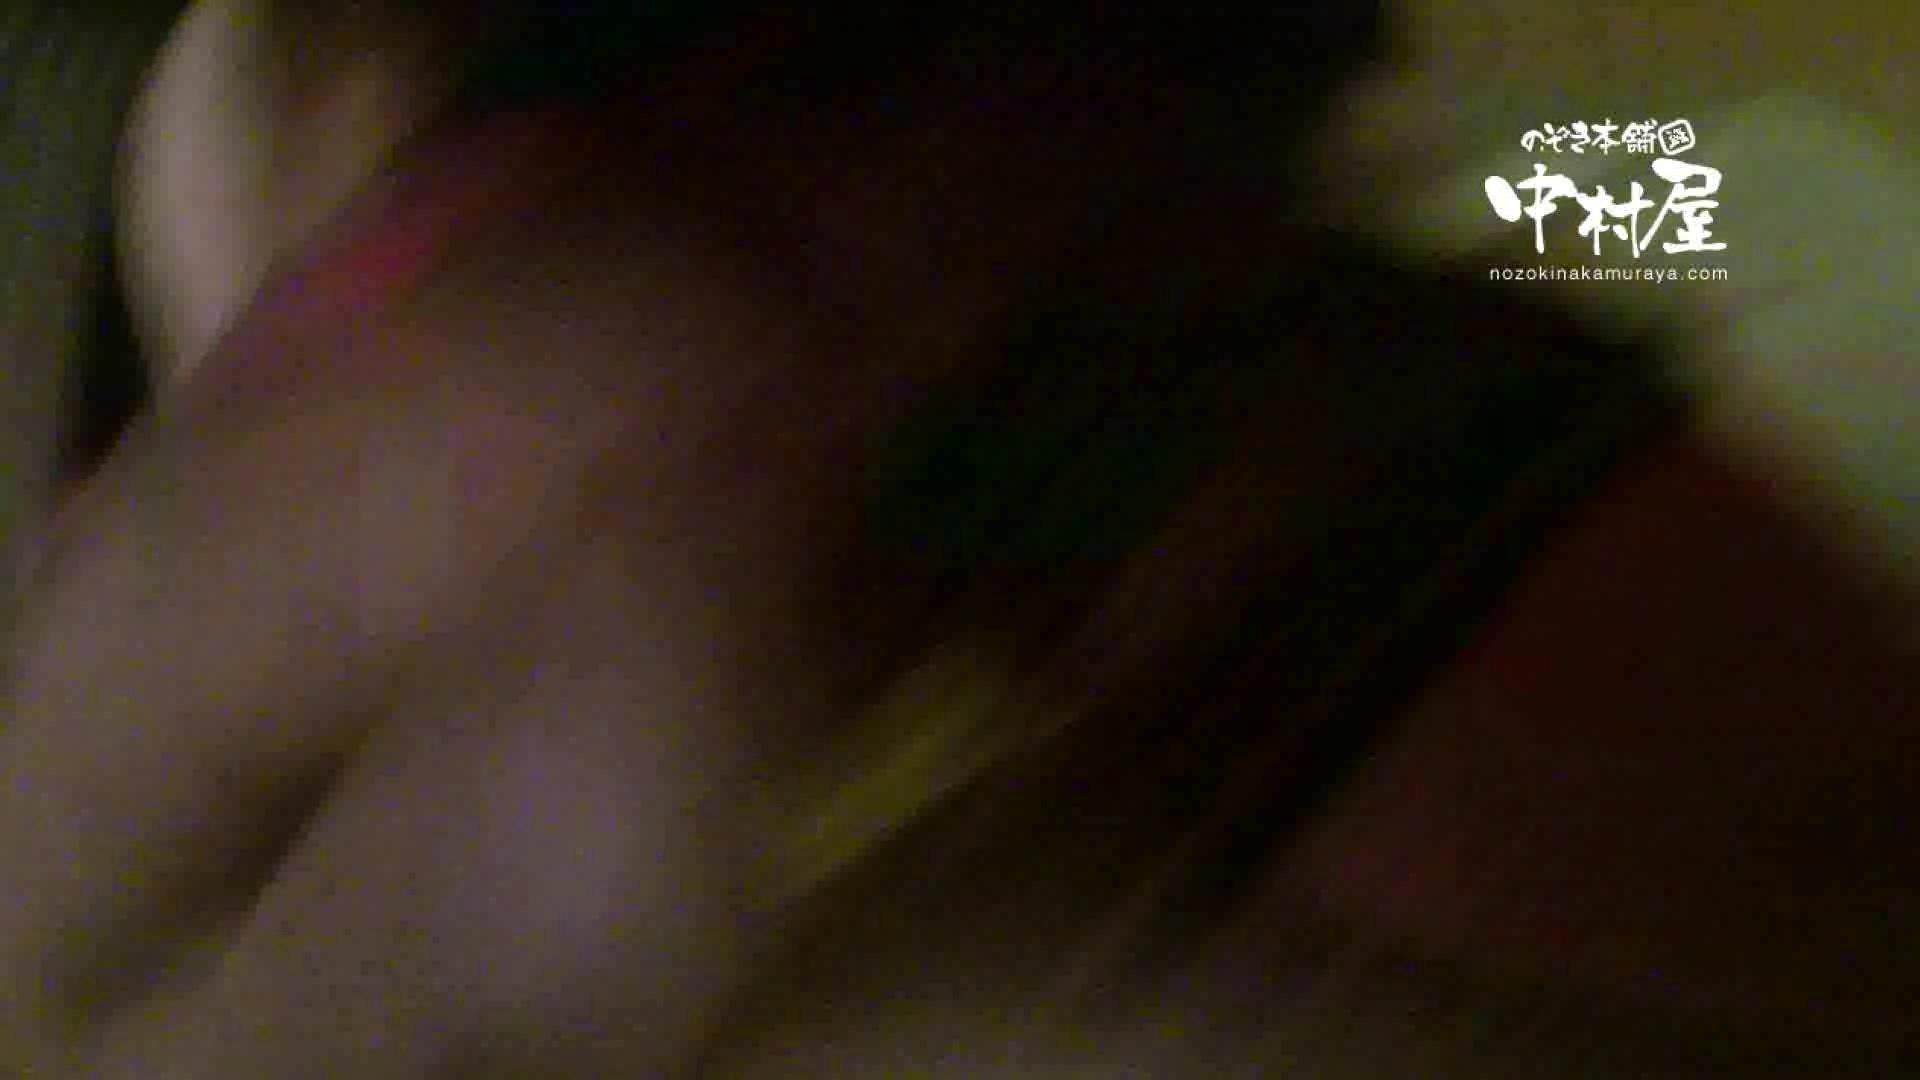 鬼畜 vol.17 中に出さないでください(アニメ声で懇願) 後編 鬼畜  76Pix 59